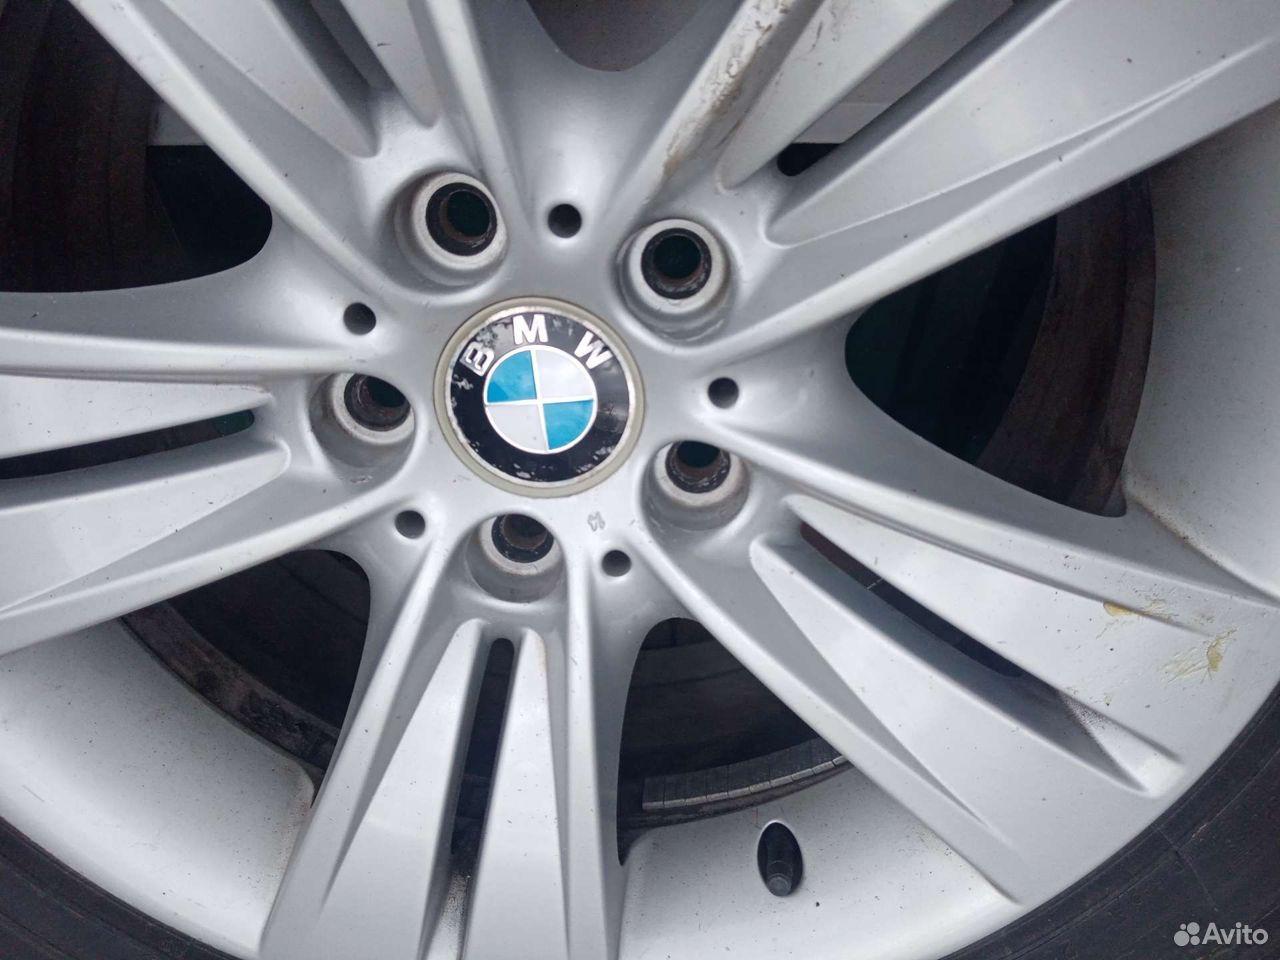 Литье и шины Бмв 18-255-55  89025666423 купить 4